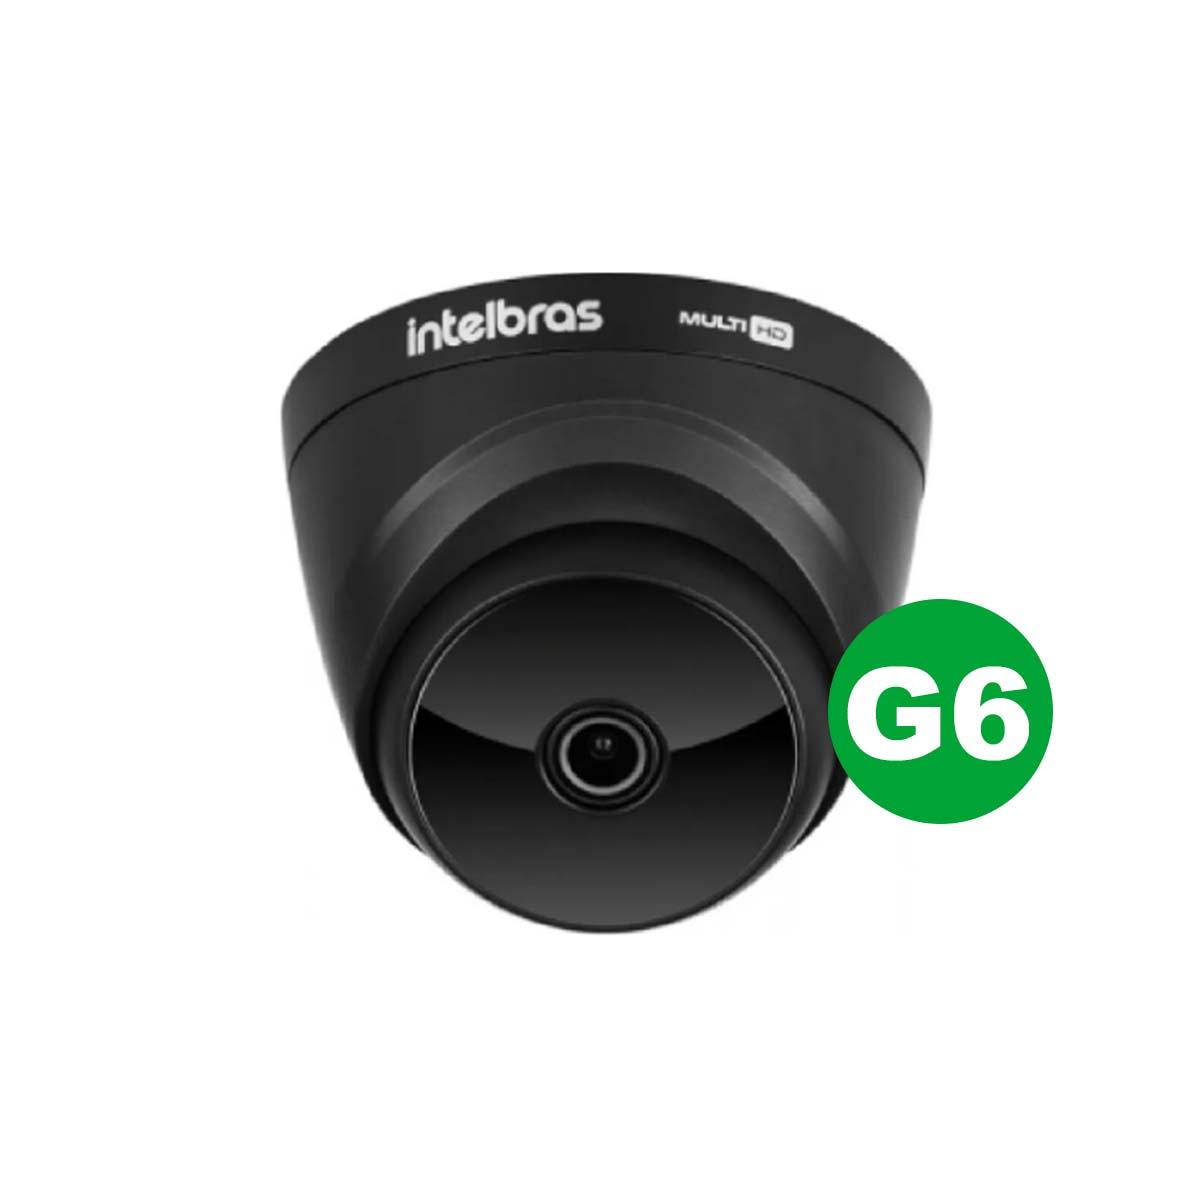 Kit CFTV 02 Câmeras VHD 1220 D Black G6 + MHDX 1108 C/ HD 2TB + Acessórios